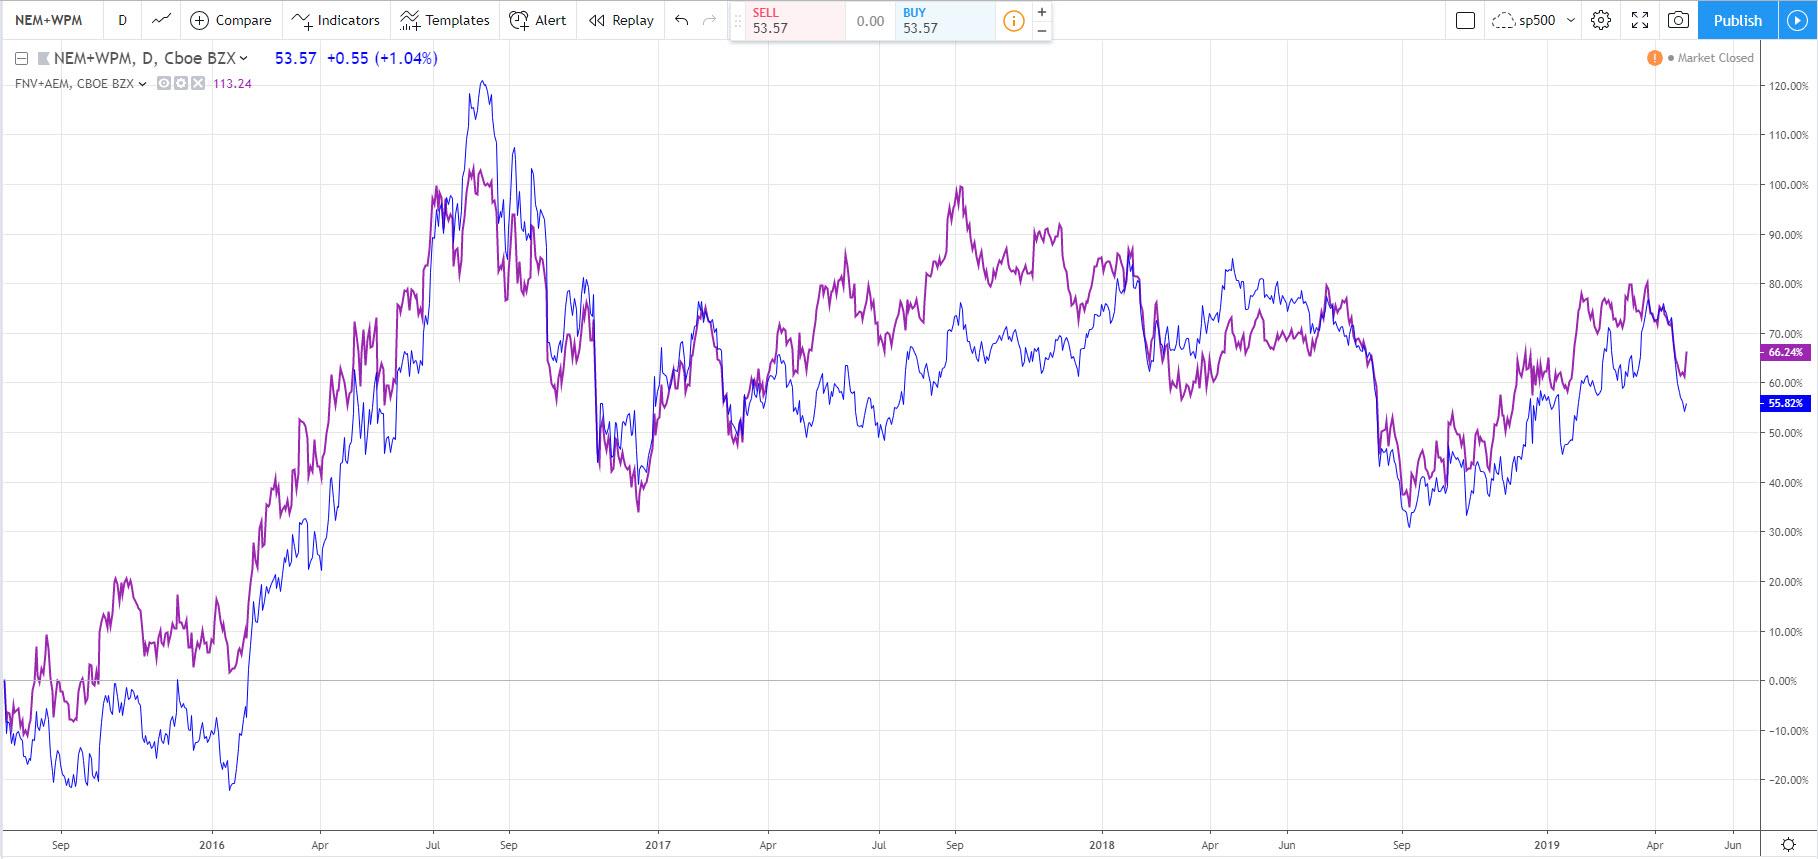 сравнение корзины акций с одного сектора по сравнению с другой корзиной из этого же сектора - арбитраж